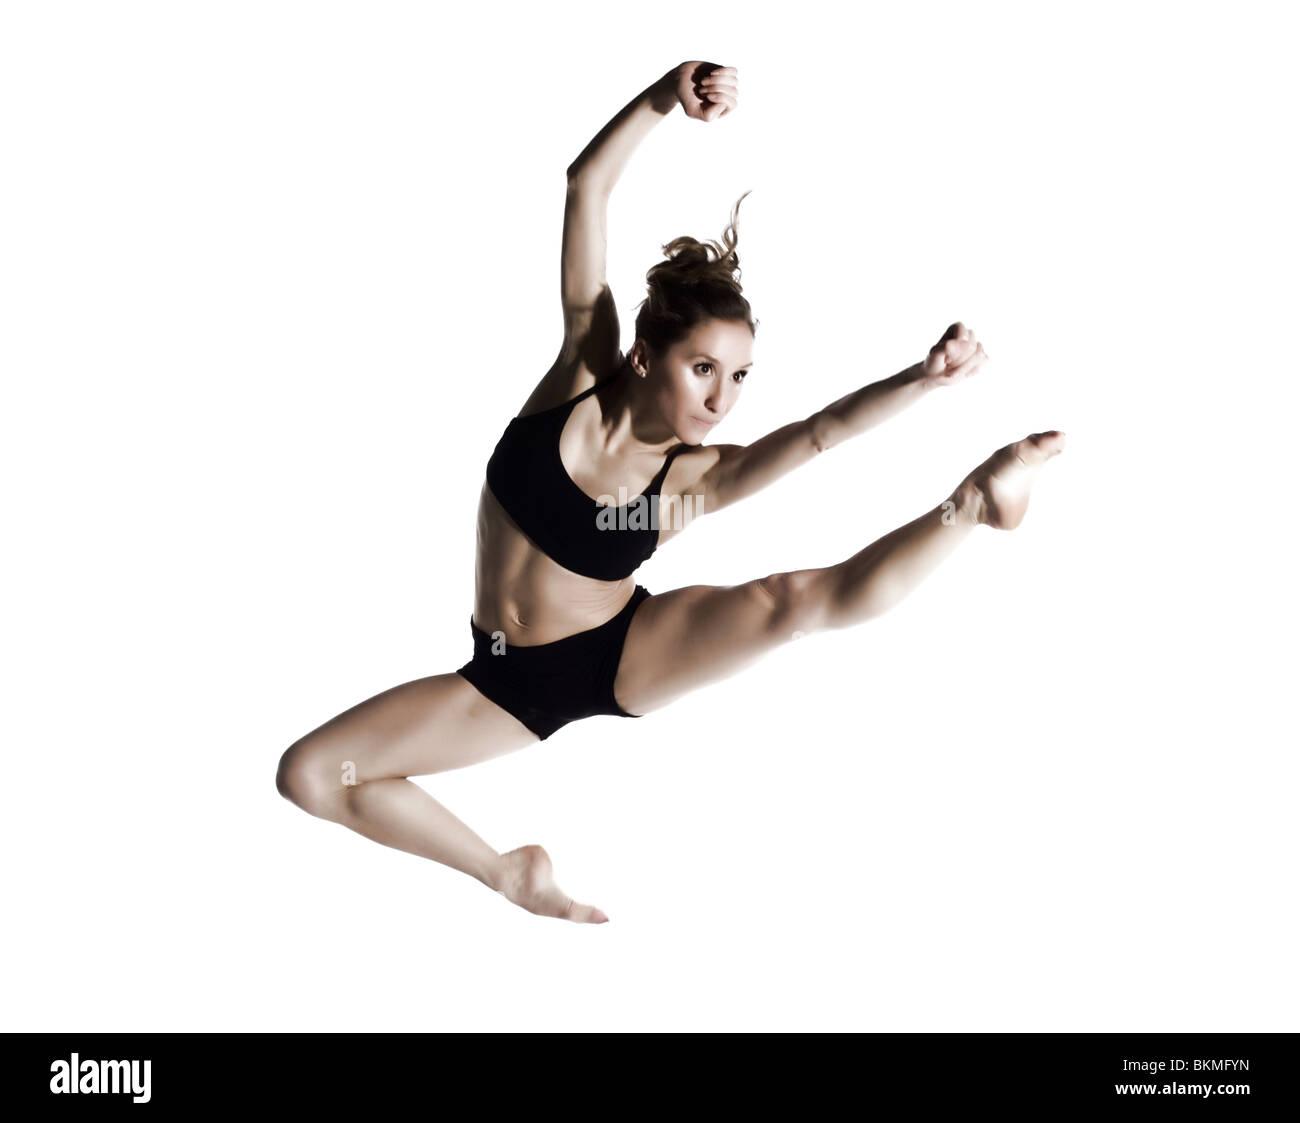 Jeune danseuse professionnelle sautant Photo Stock